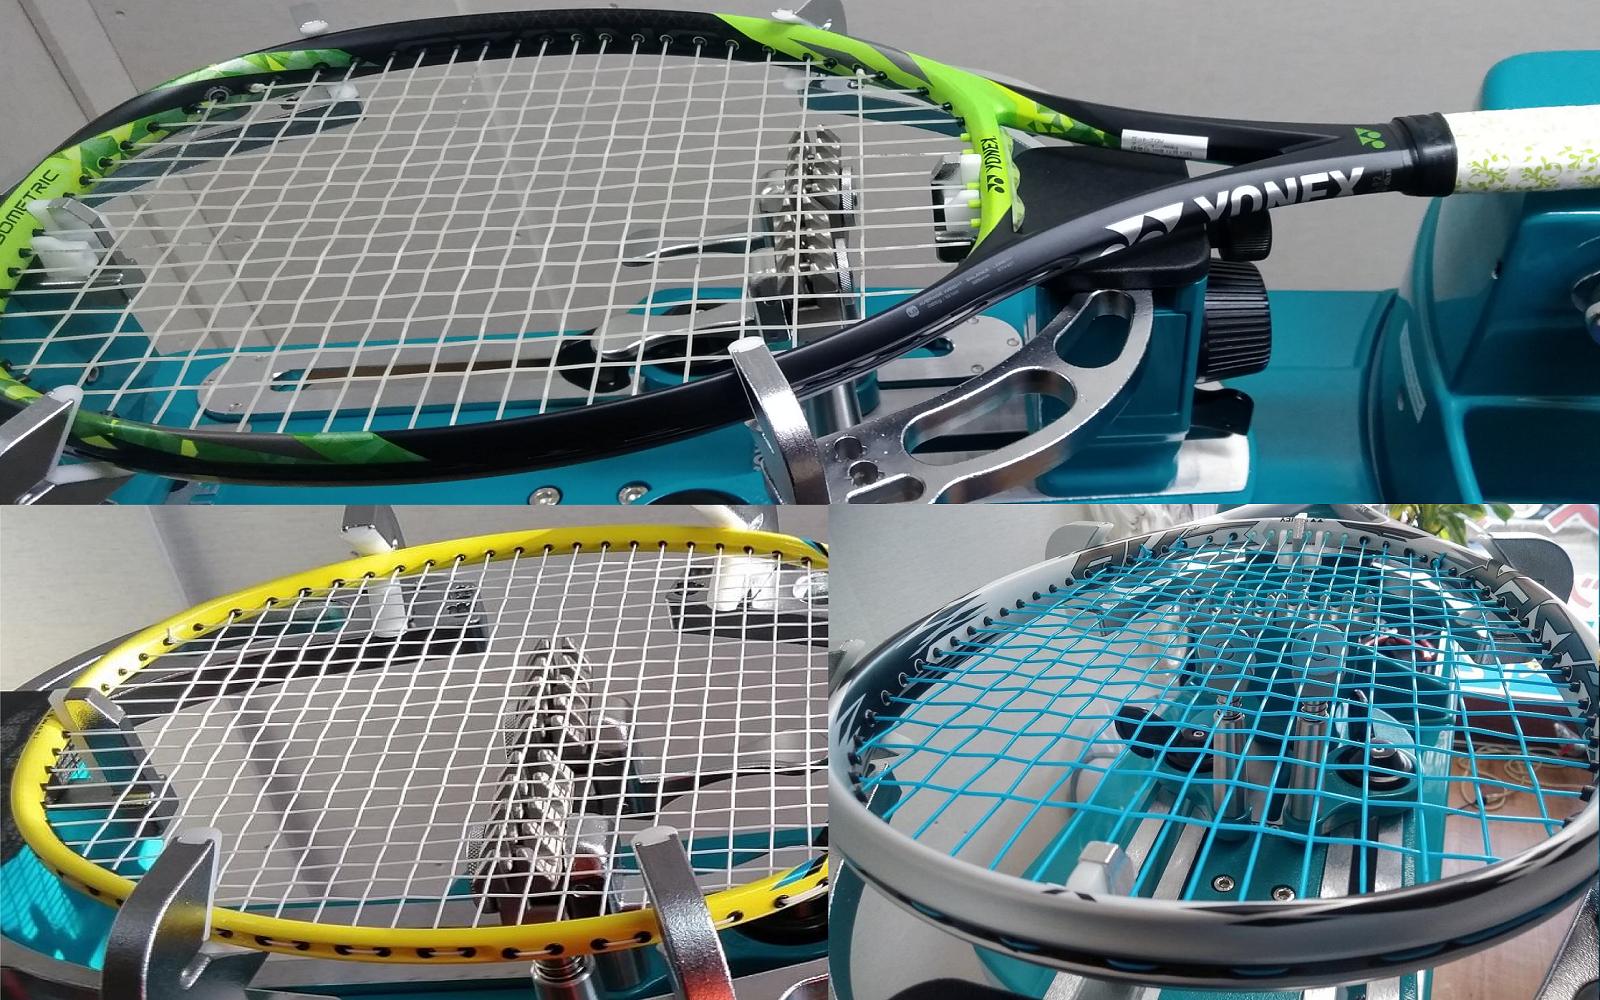 ラパンブランでは、テニス・ソフトテニス・バドミントンのガット張り替えを行っております